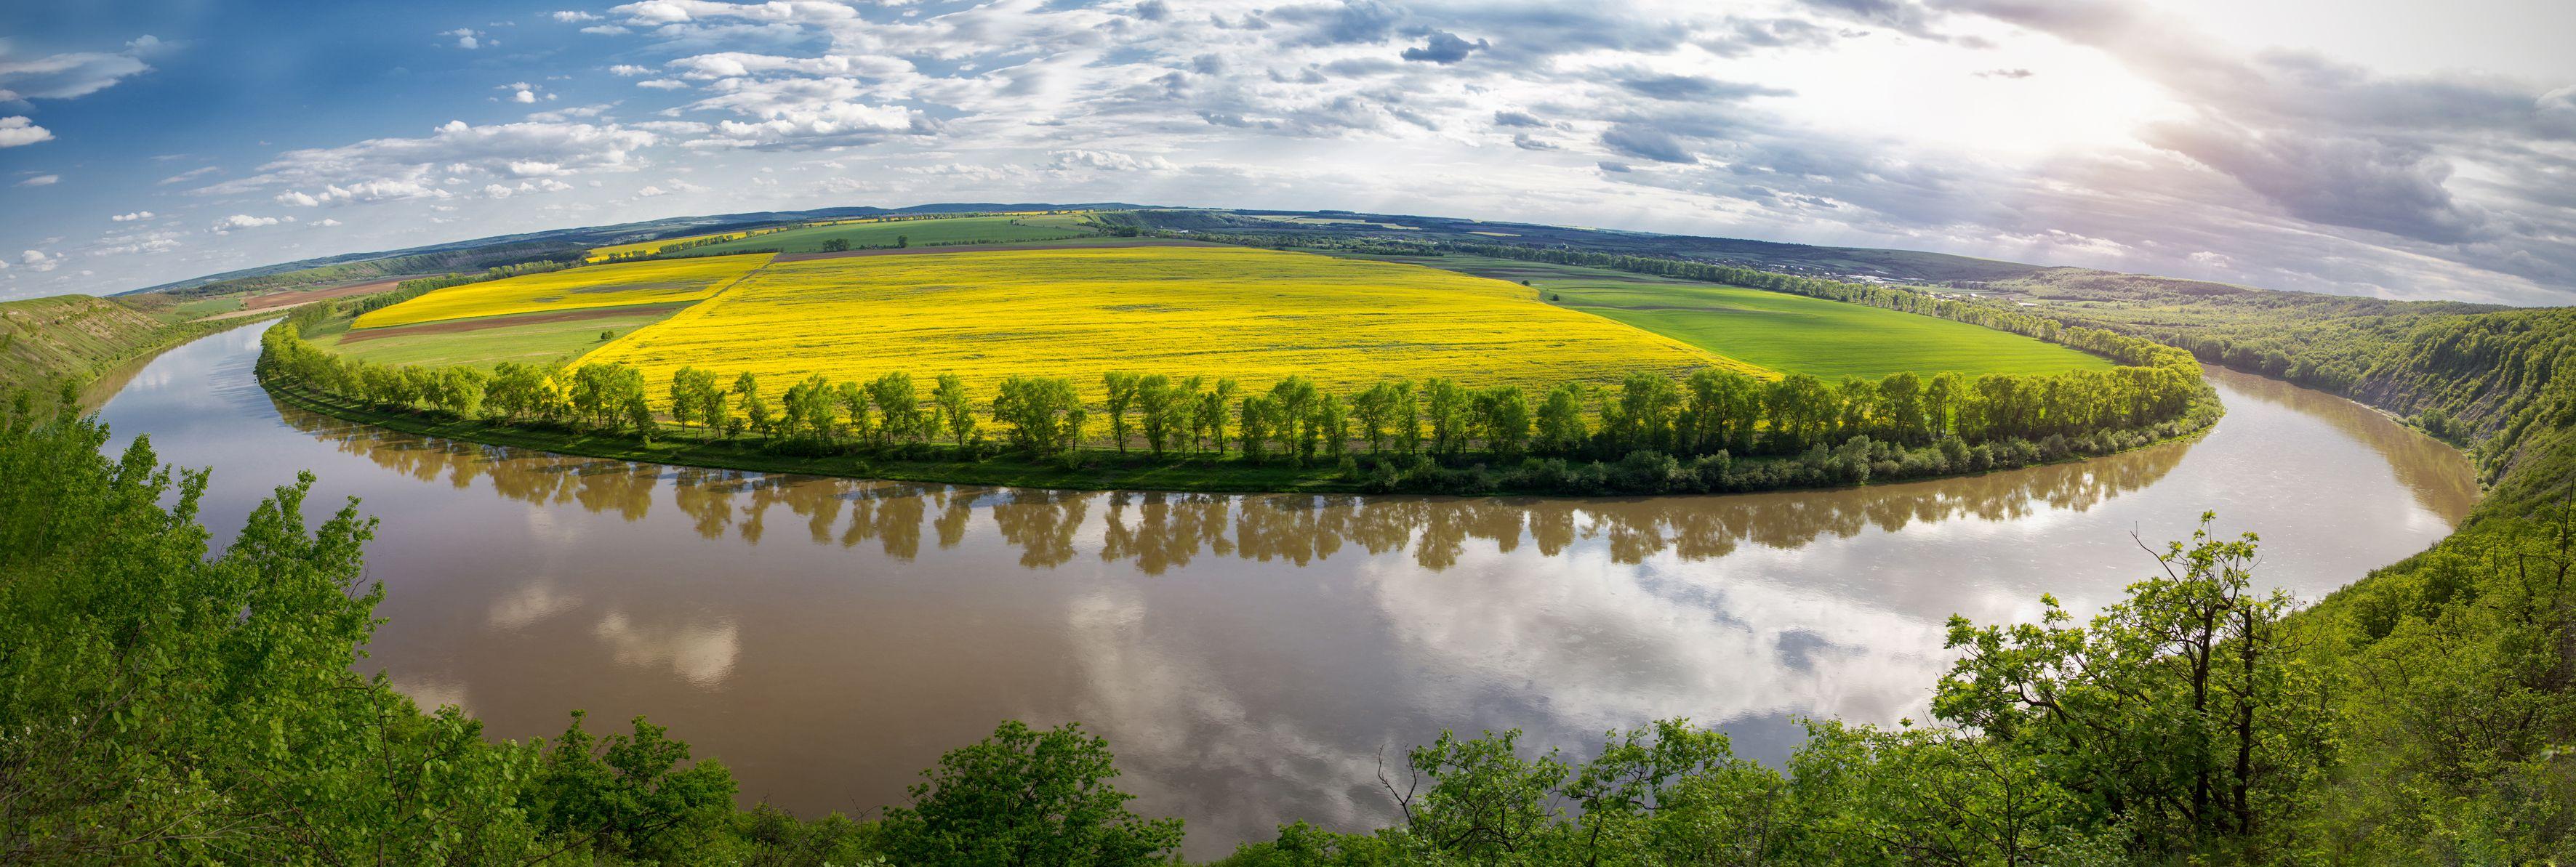 Найкрасивіші куточки України, де варто побувати восени 10